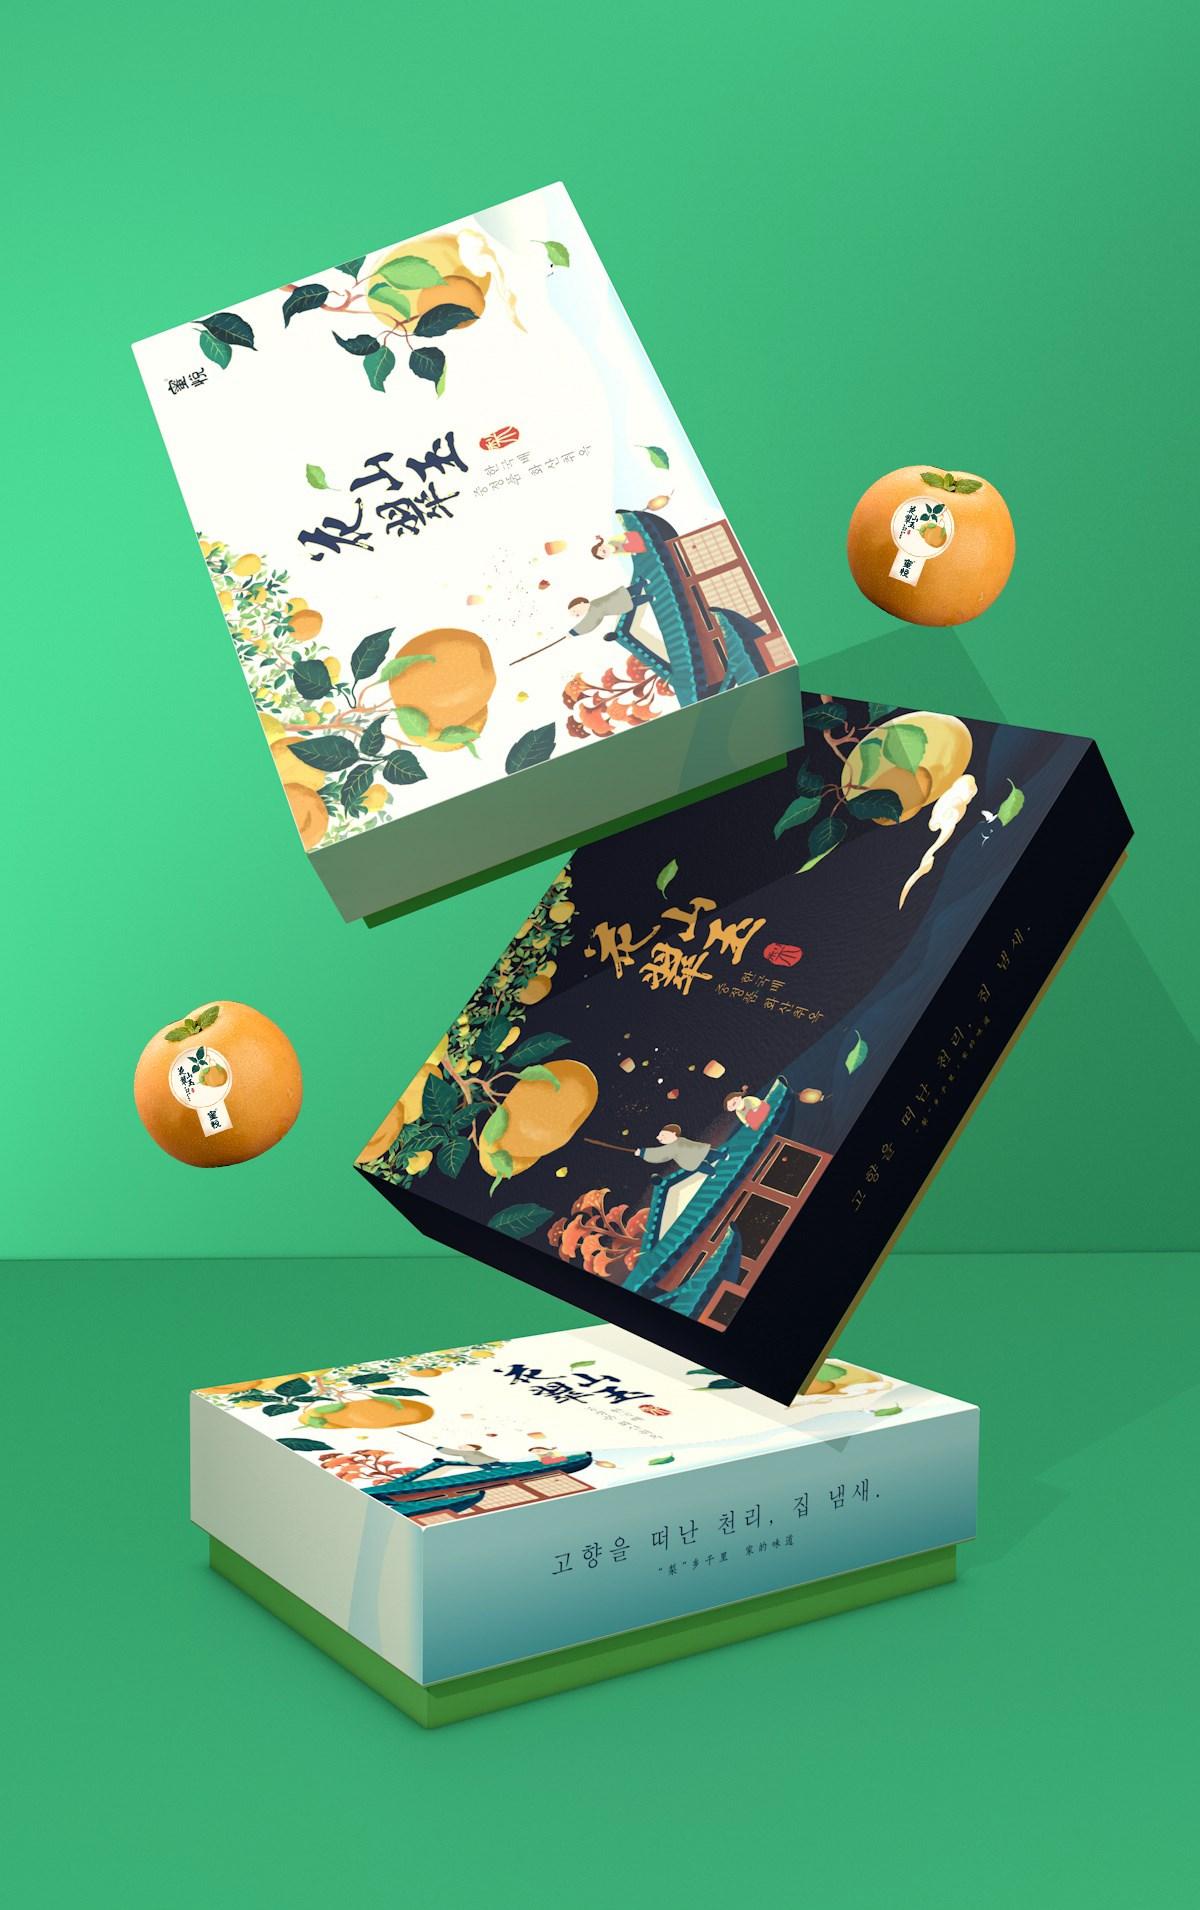 青柚包装设计研究室丨水果梨礼盒包装设计,奏一曲中秋团圆盛宴!